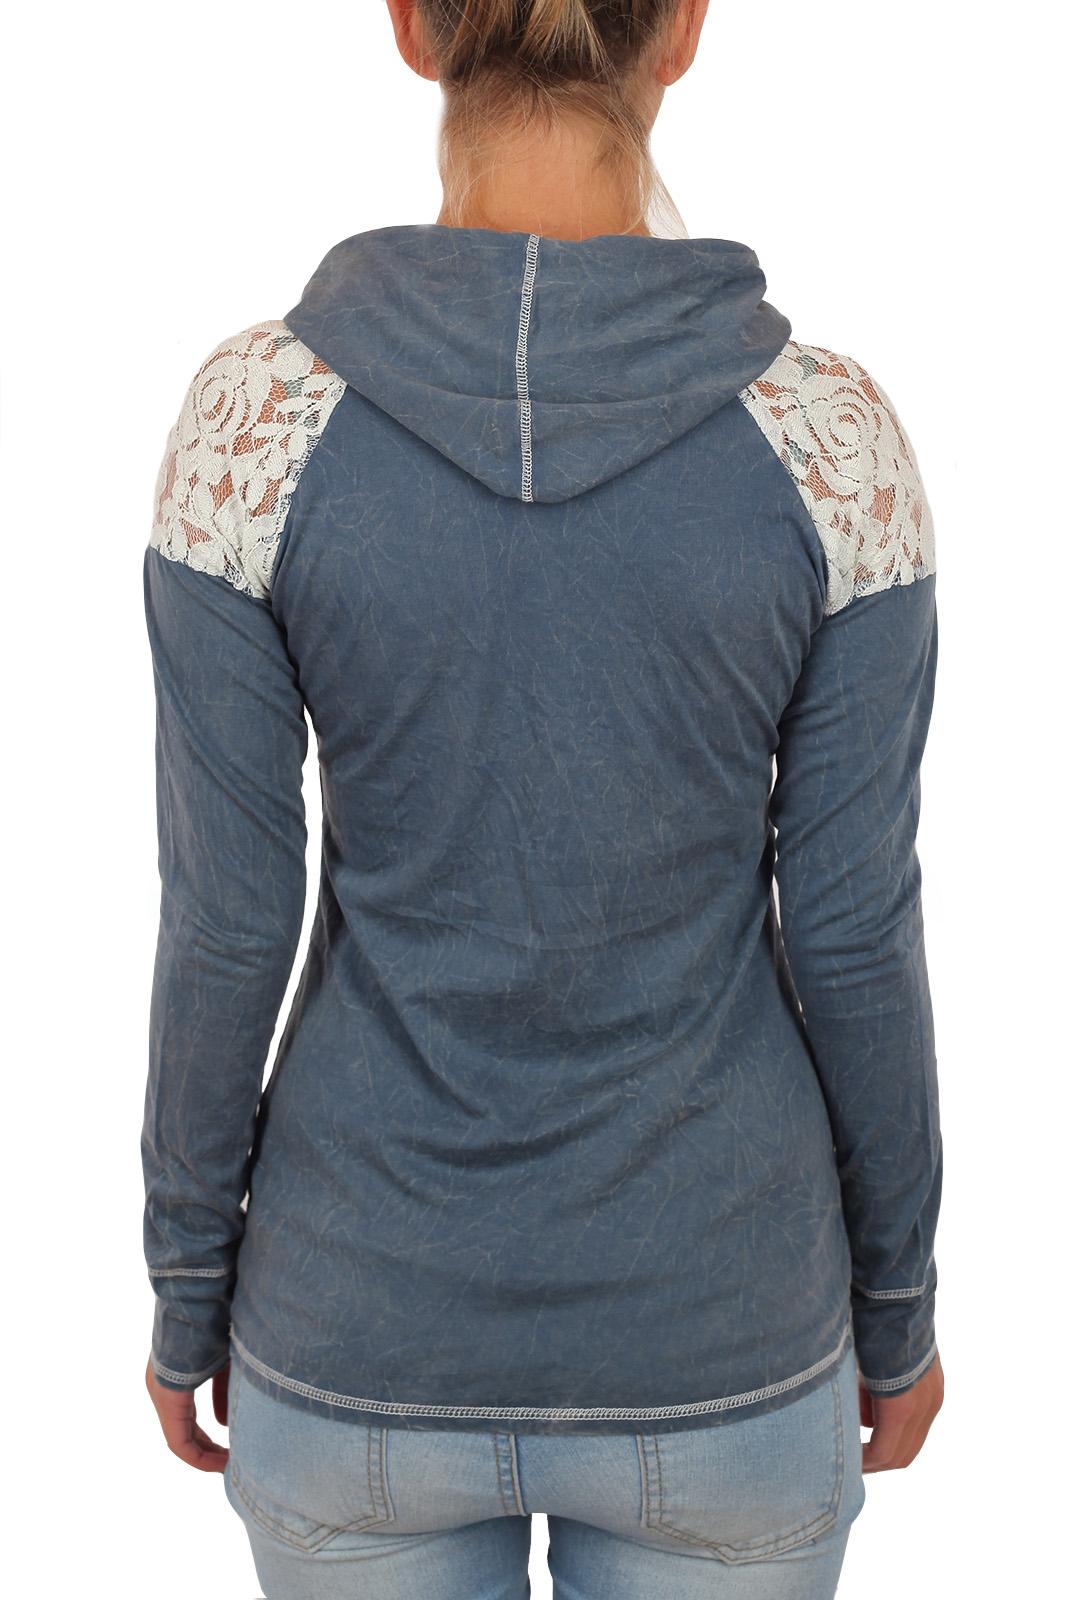 Женский молодежный реглан Panhandle с графическим принтом в стиле ПОП-АРТ. Изящные плечи, наружные швы и тинейджерский капюшон